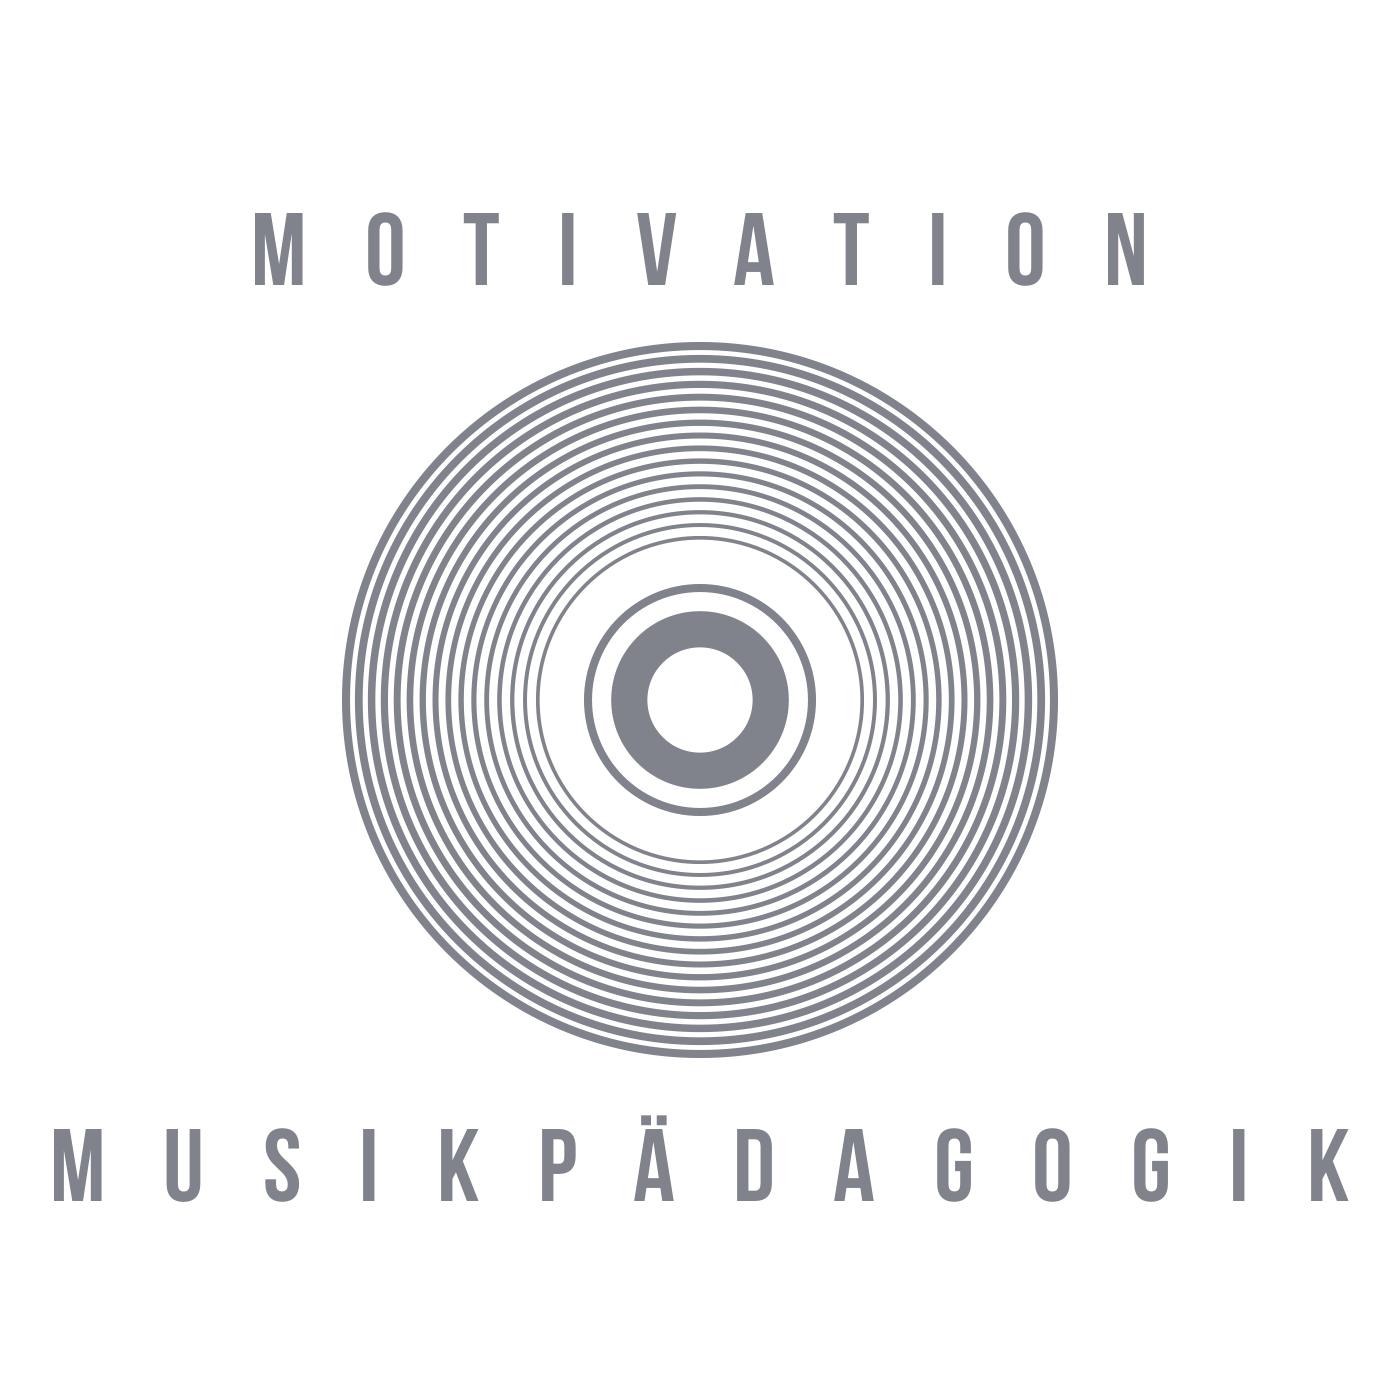 #8 Sonntag-Motivation nach einer langen Woche - Gemeinsam Kraft schöpfen